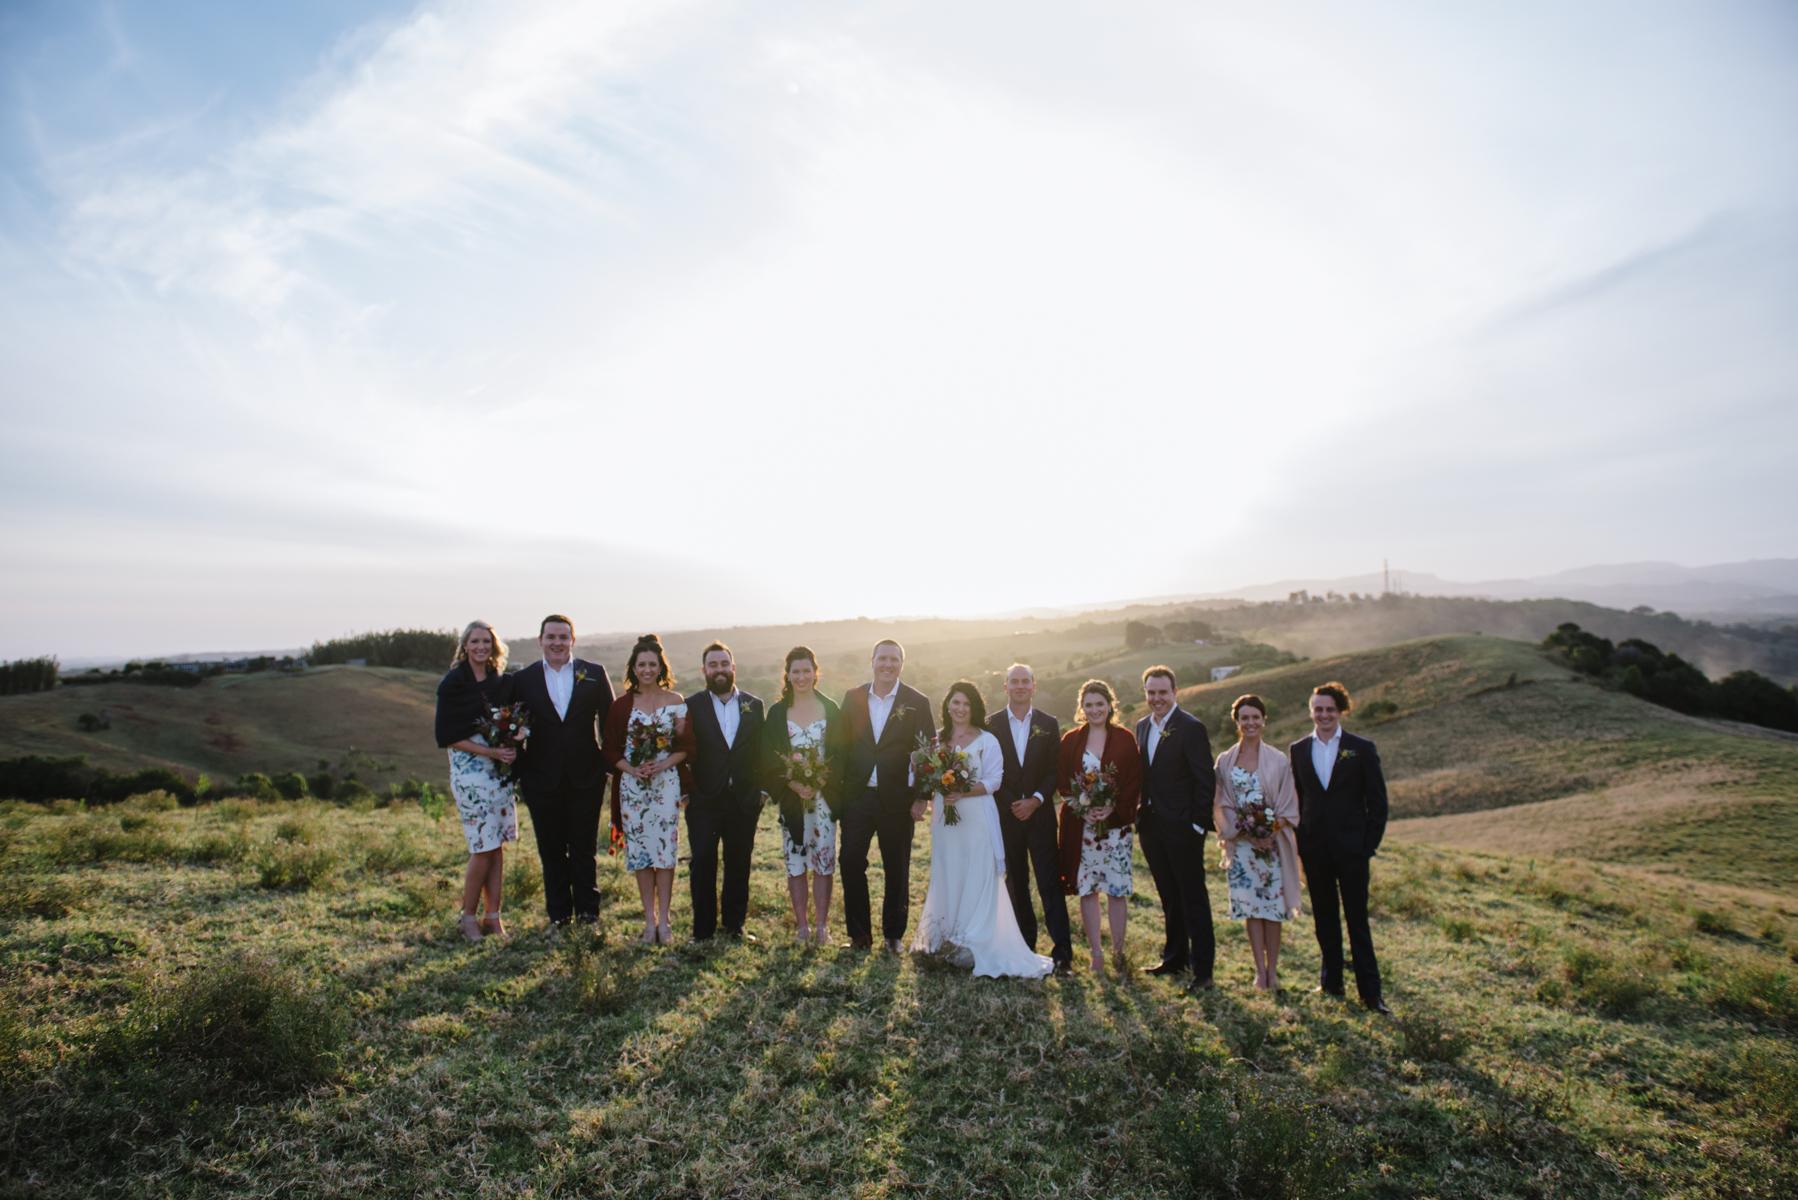 sarahandBenwedding- skyla sage photography weddings, families, byron bay,tweed coast,kingscliff,cabarita,gold coast-828.jpg